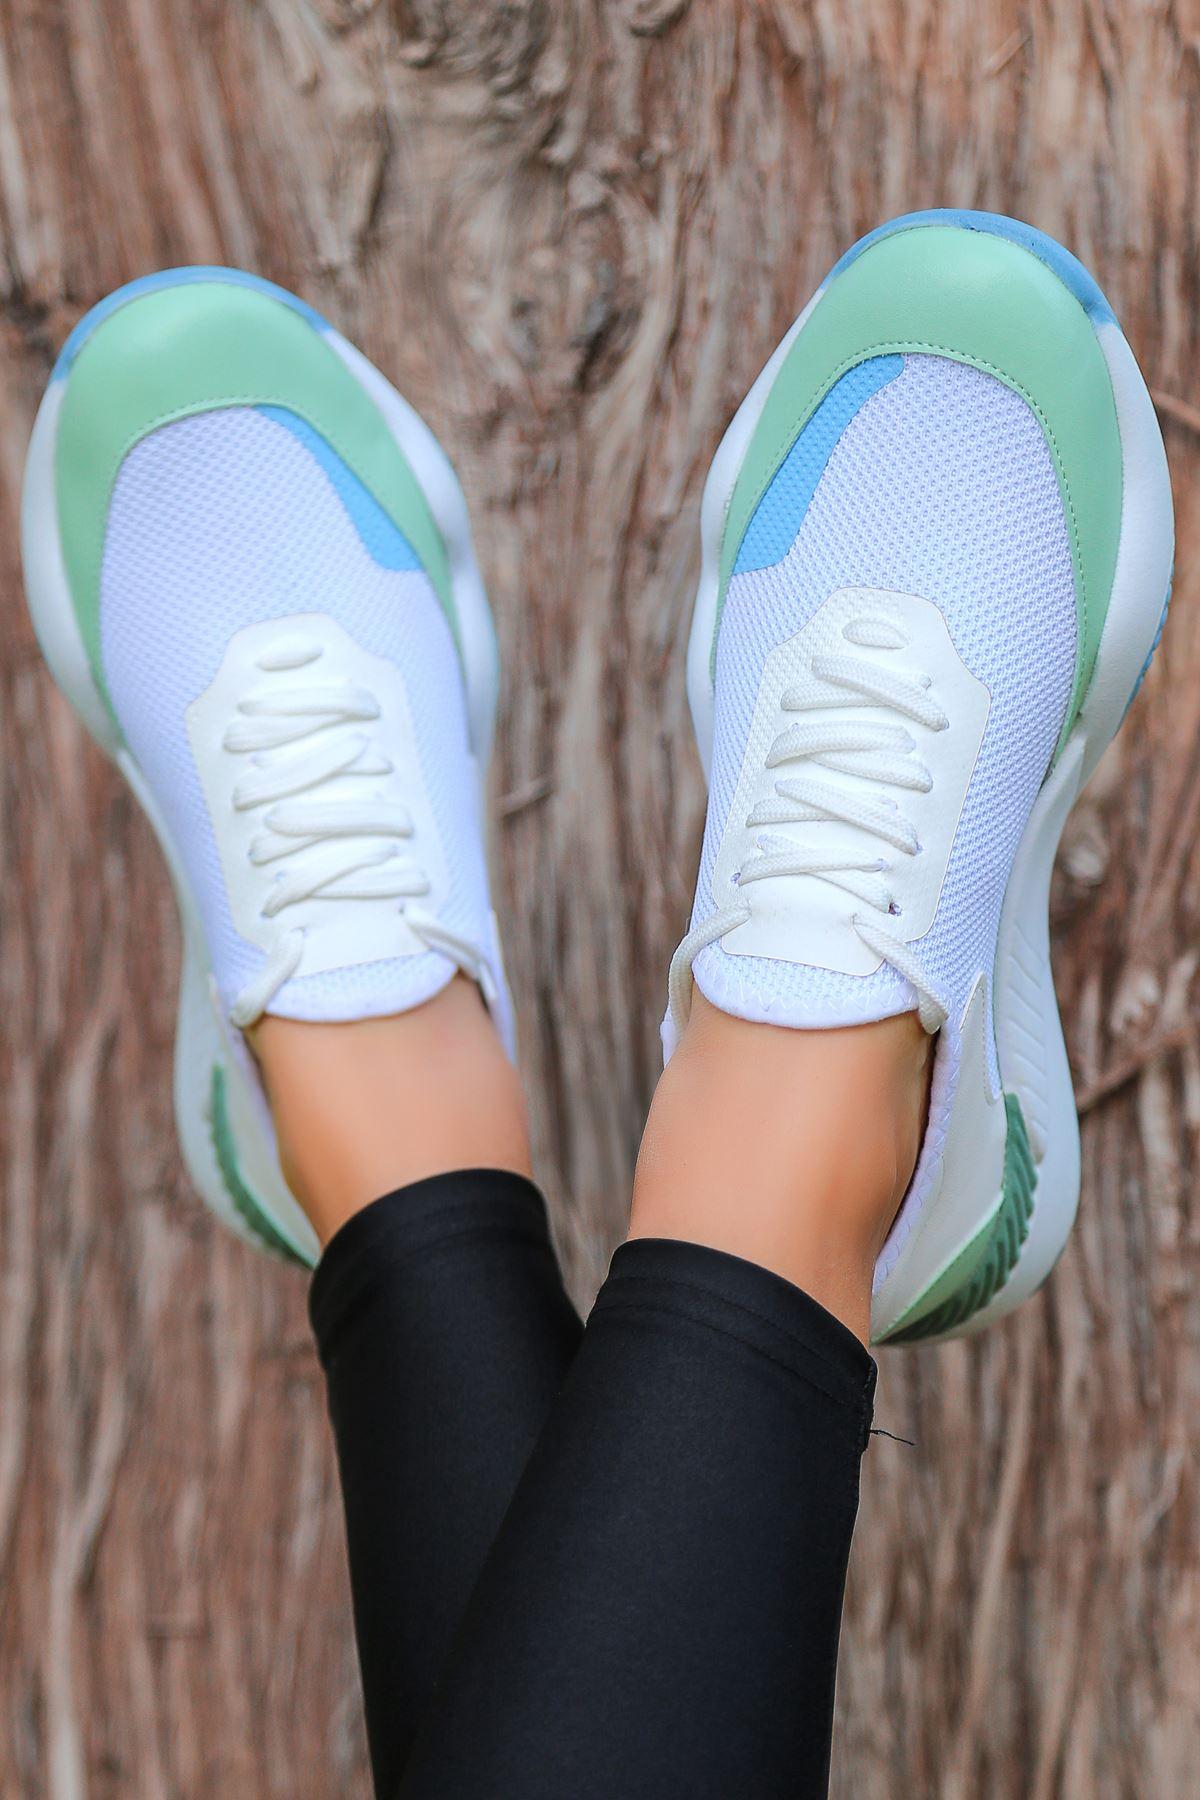 Rovina Mavi Parçalı Mavi Tabanlı Bağcık Detaylı Beyaz Kadın Spor Ayakkabı